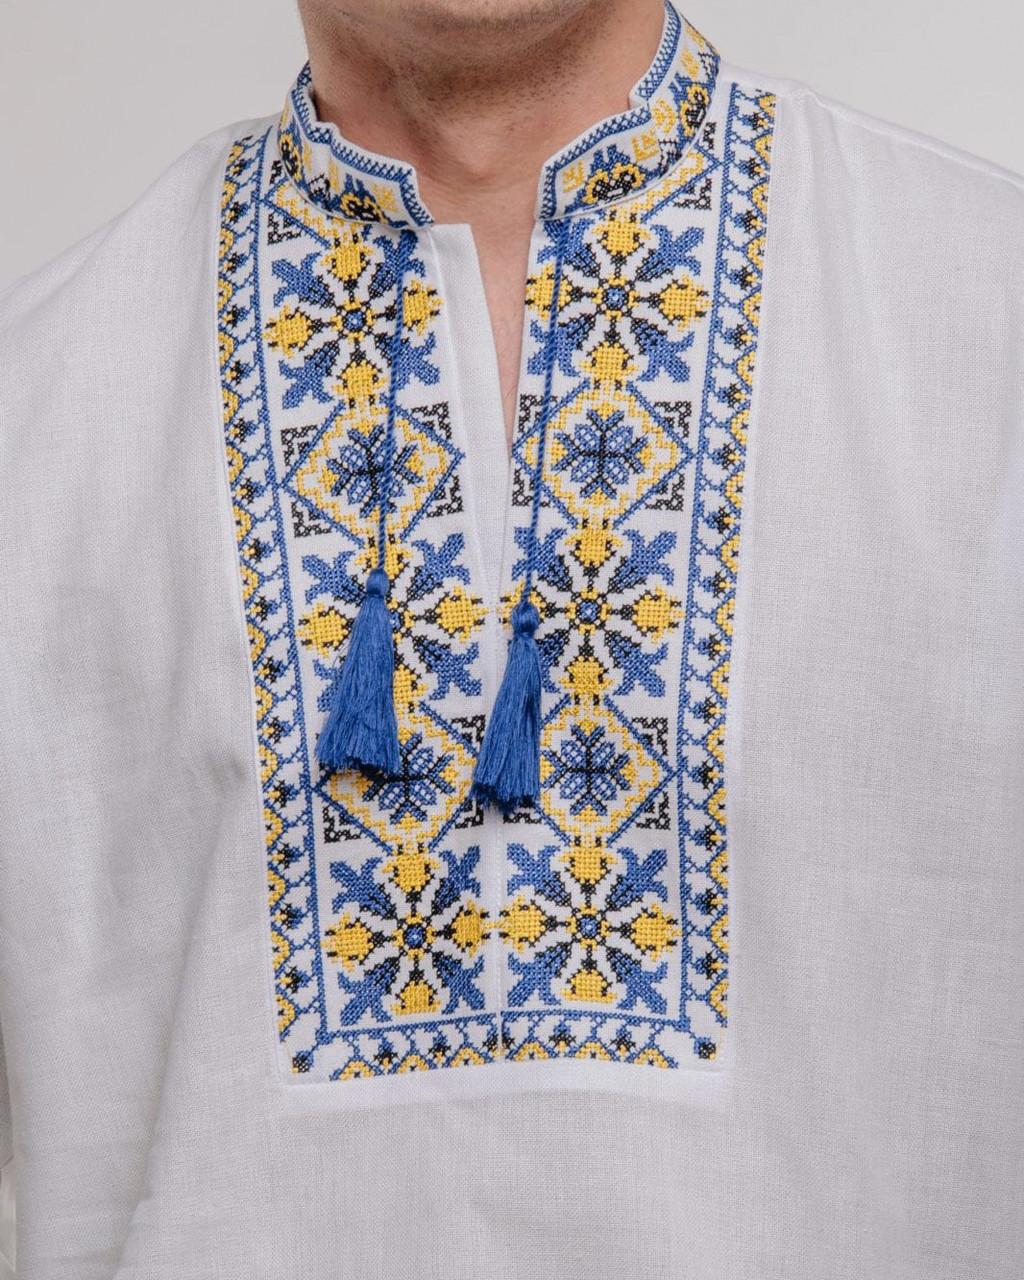 Мужская сорочка на домотканом полотне Лилии